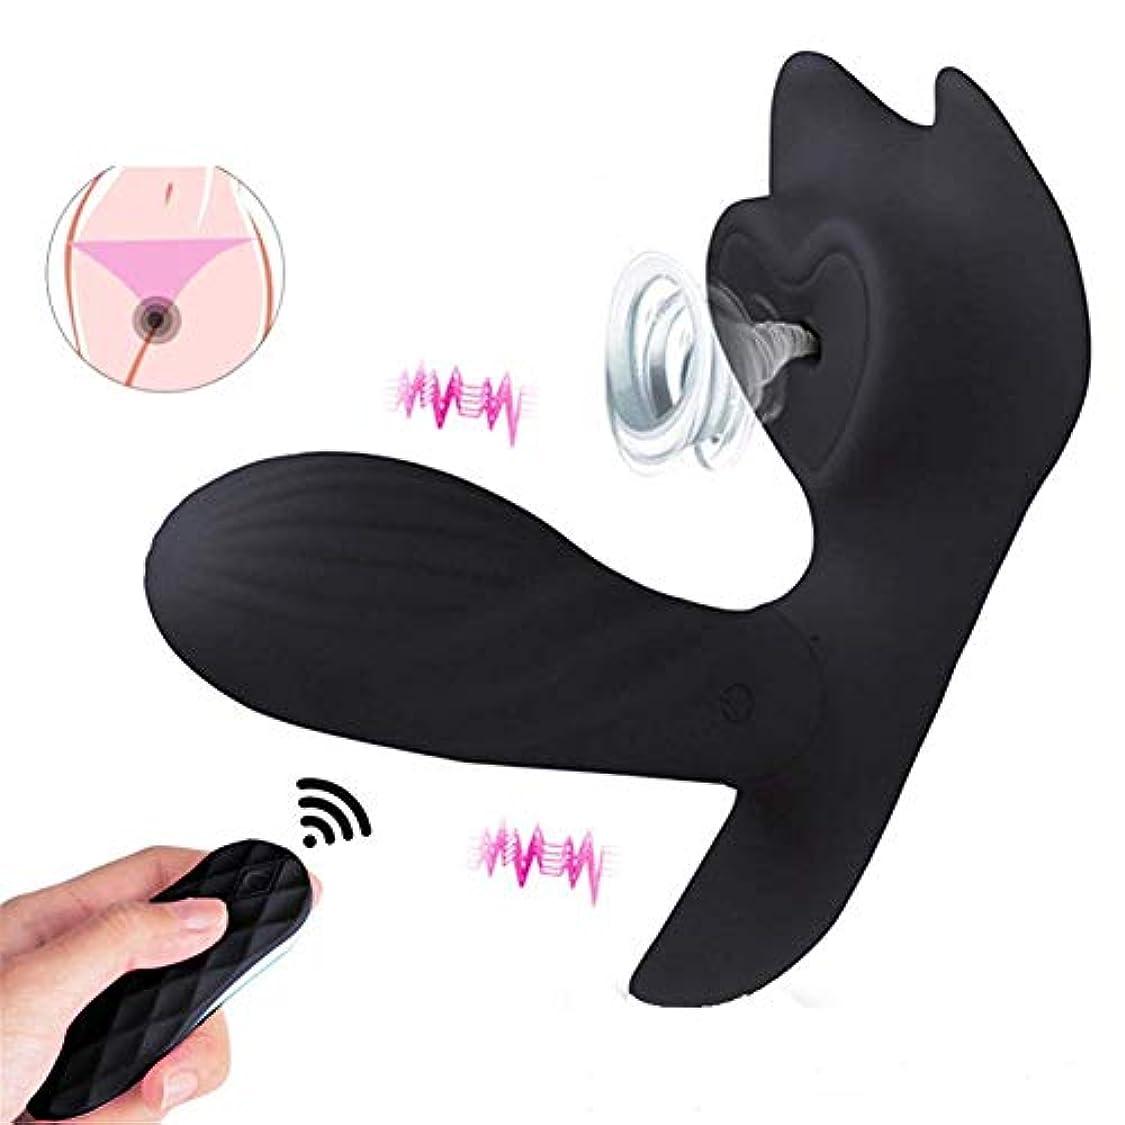 セックスウェアラブルディルドバイブレーターバイブレーター刺激器タイト G スポットマッサージポーターインサイドバイブレーターワイヤレスリモートコントロール大人のおもちゃ女性のための